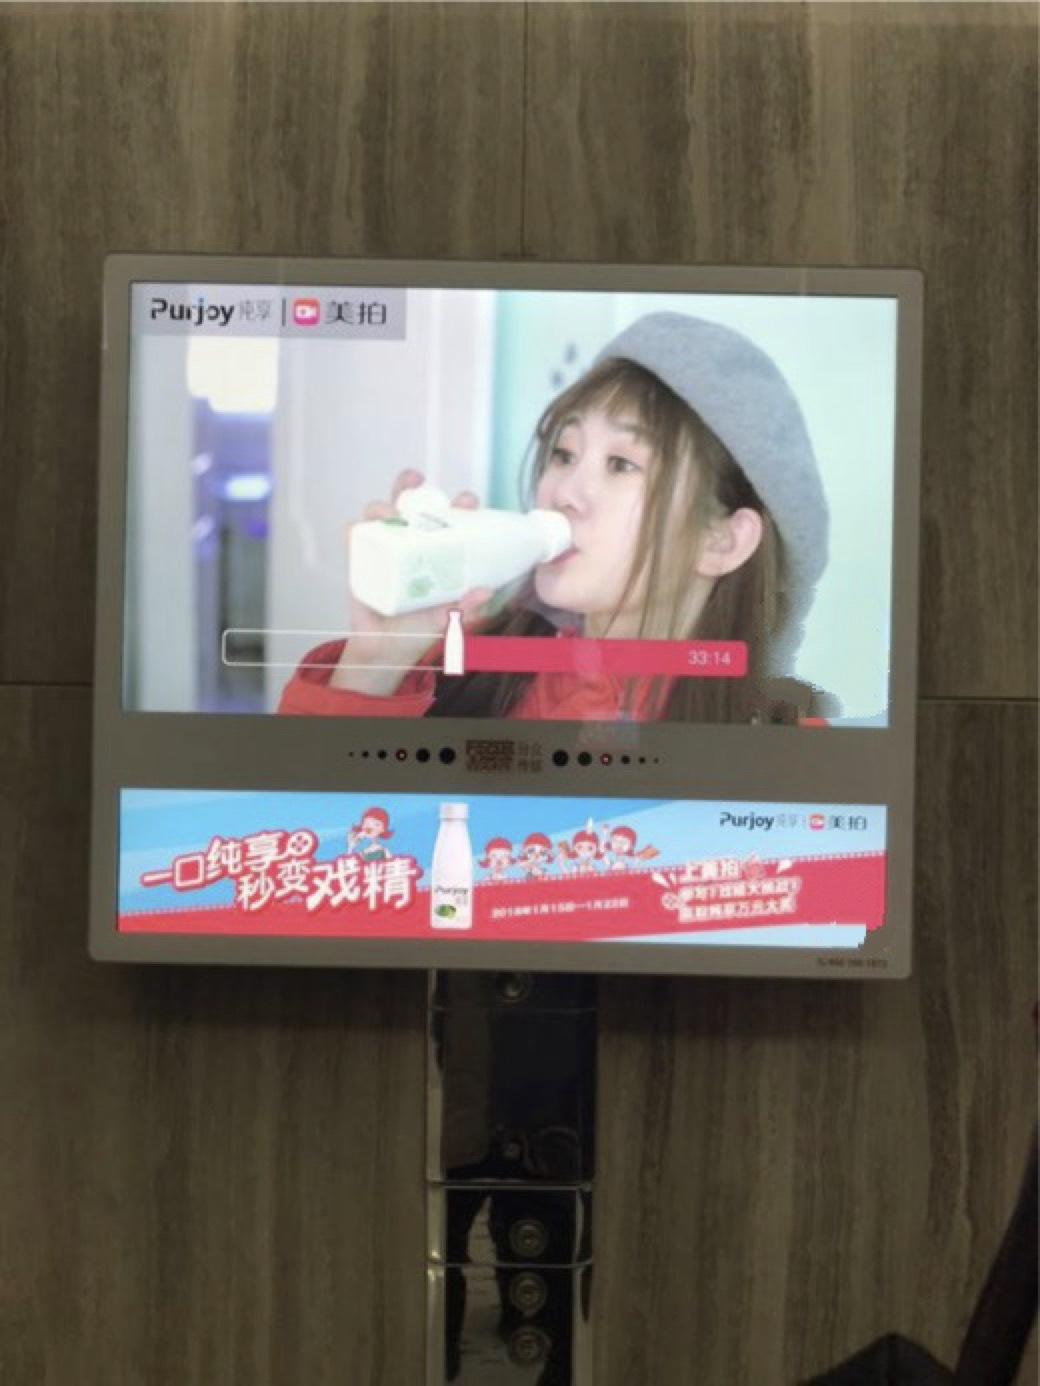 纯享酸奶主动拥抱新消费群,联合电商短视频齐发力